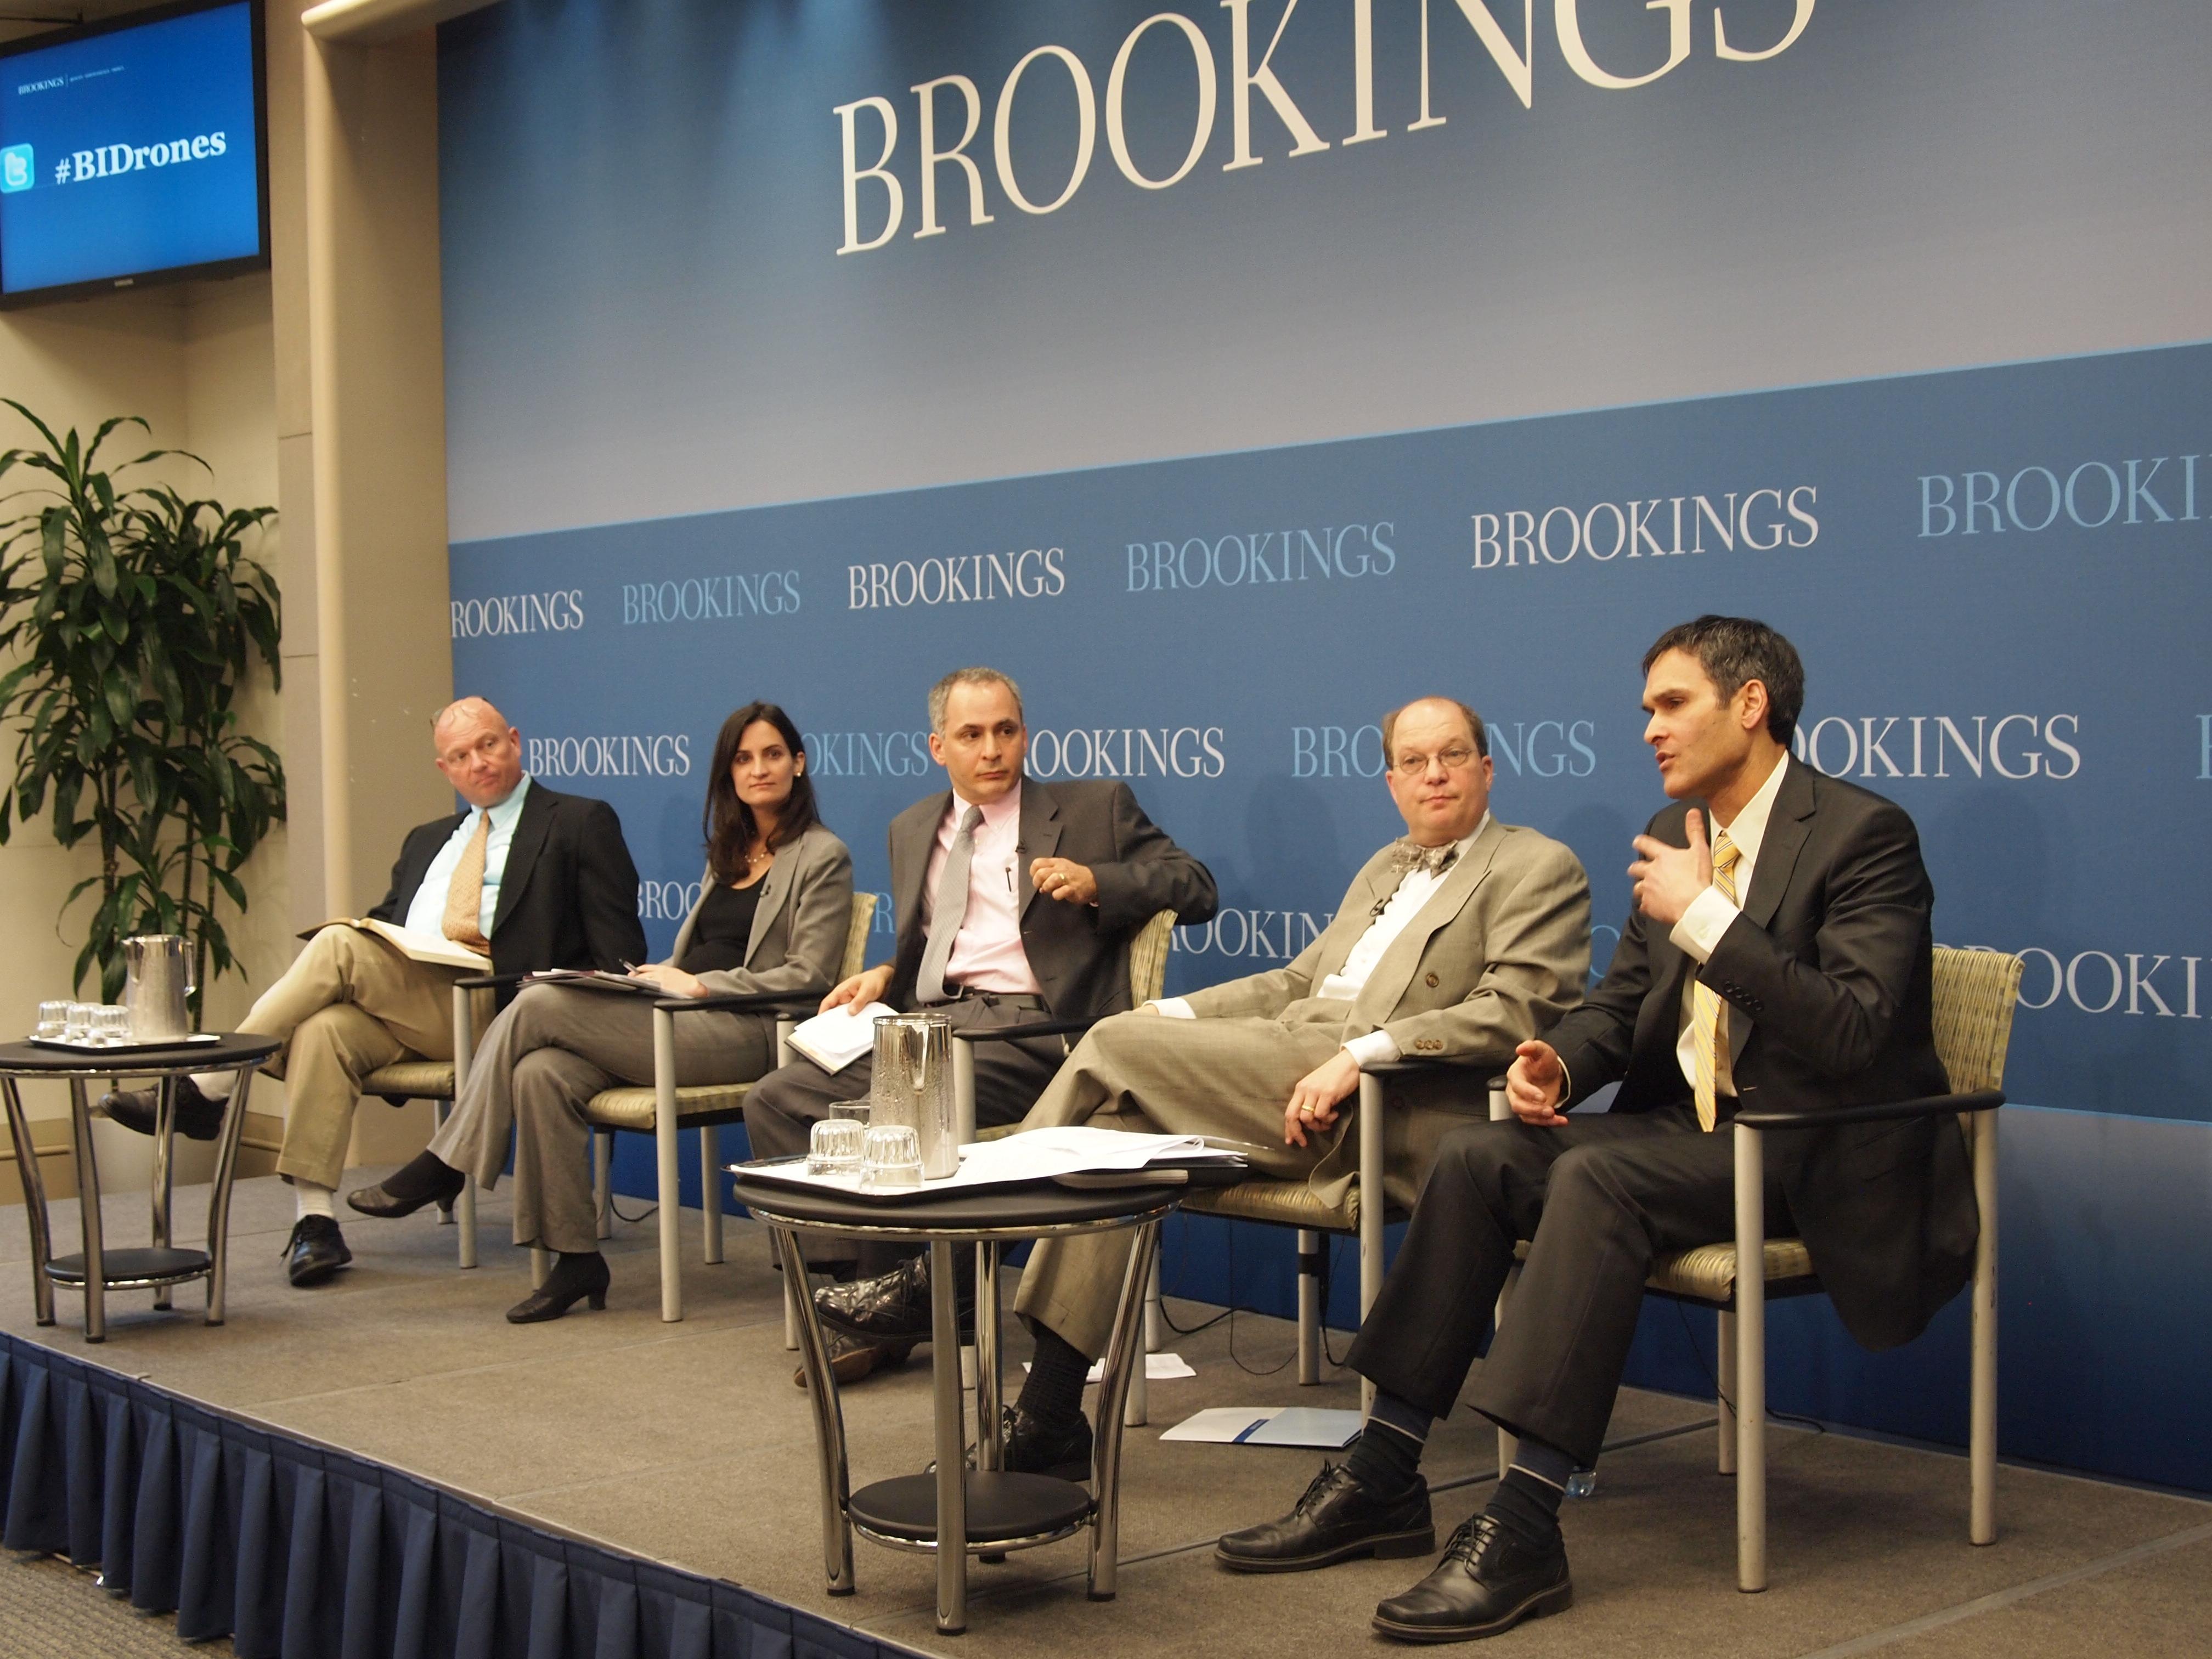 Brookings photo